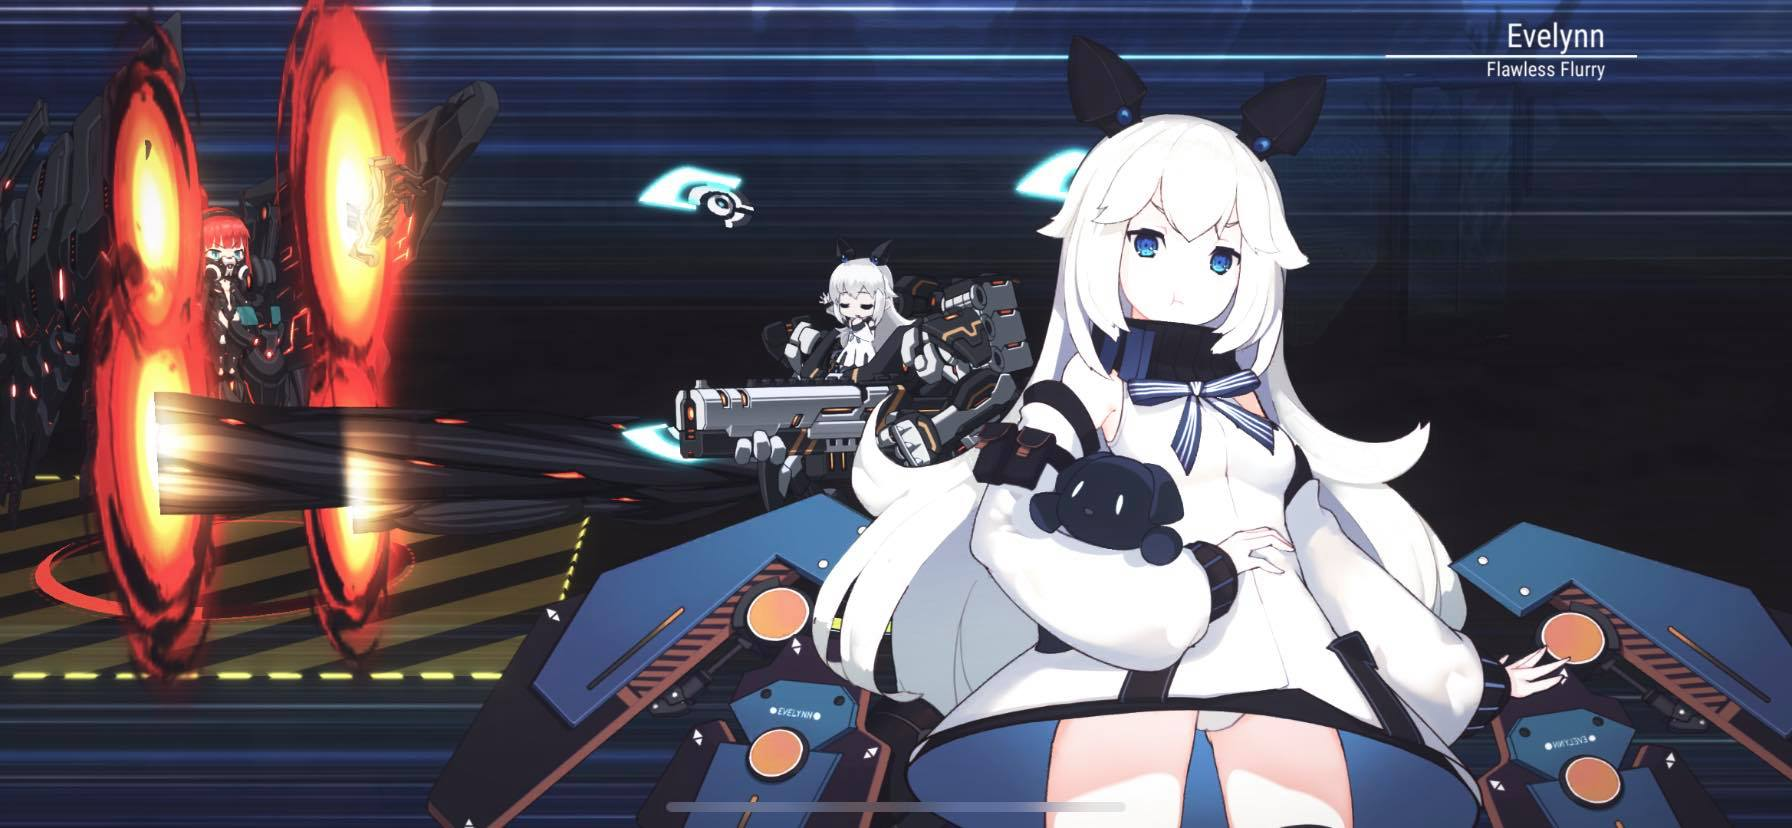 Final Gear 3102021 7